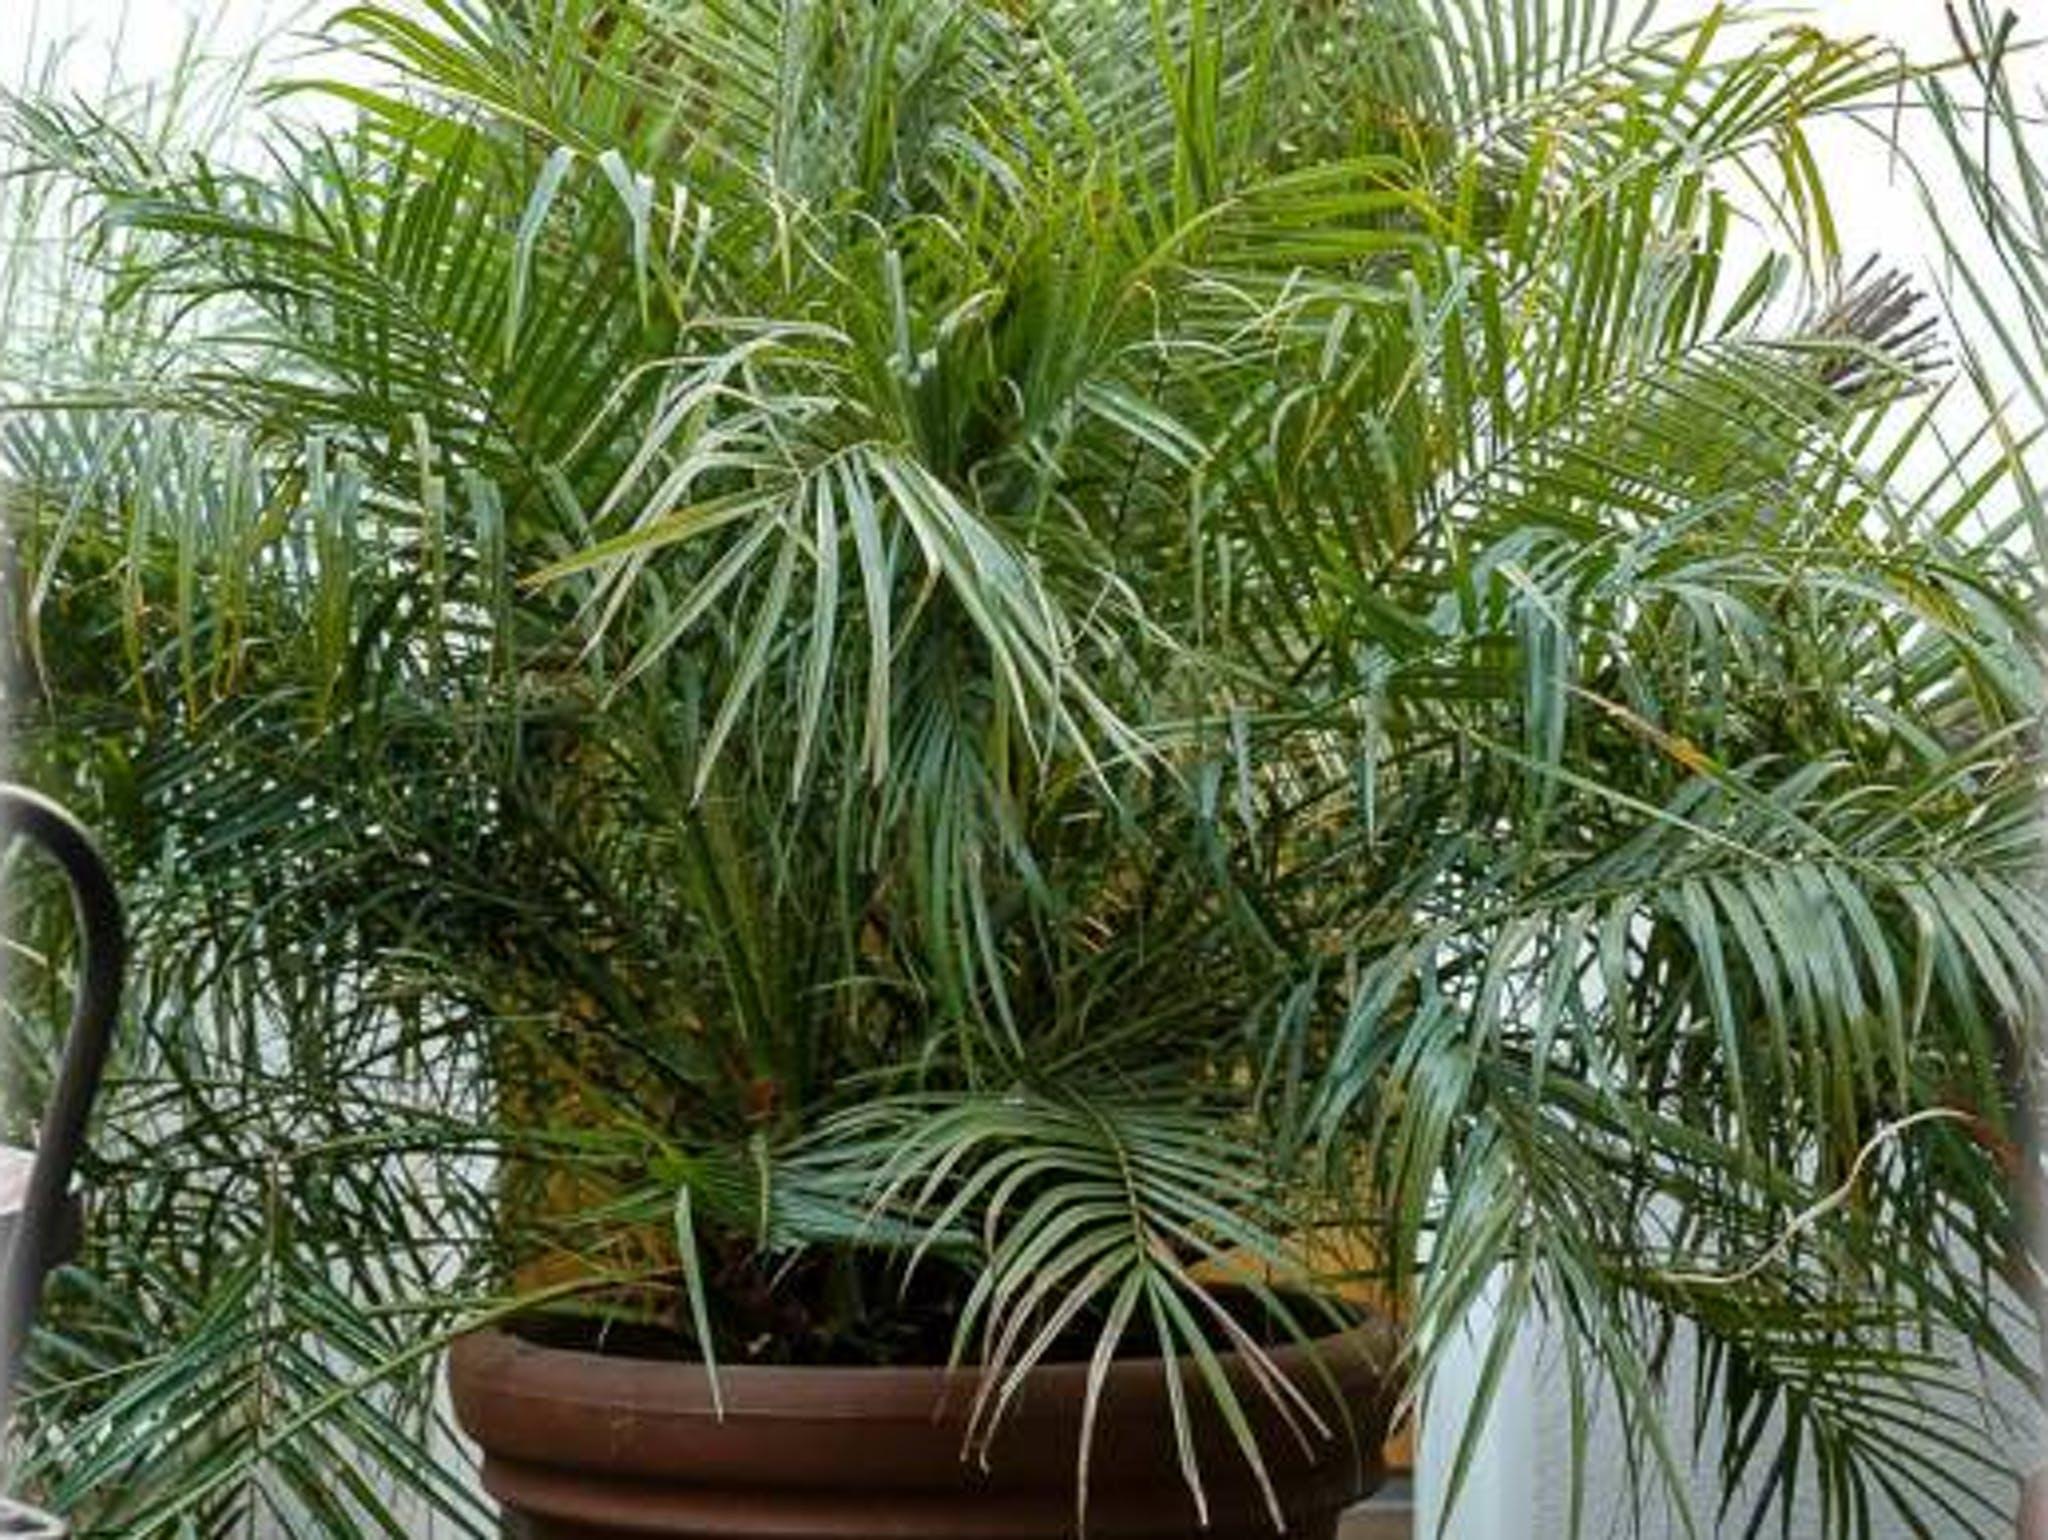 Palme Da Vaso Per Esterno le 10 migliori piante da interno per una buona qualità dell'aria